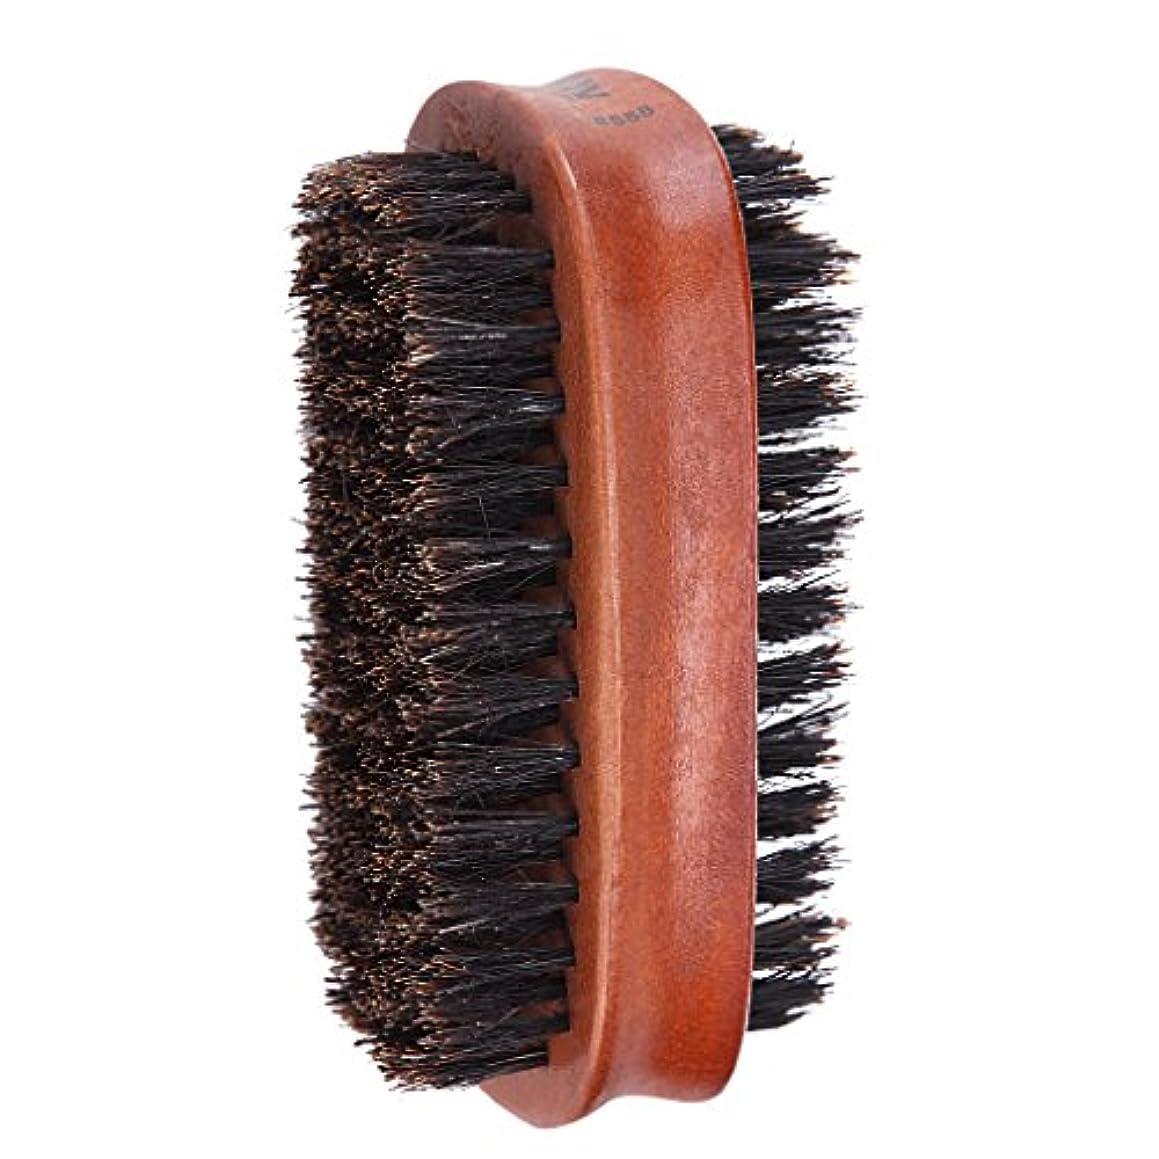 ラウズ国家アソシエイトToygogo ヘアブラシ 両面ブラシ 男性 髭 口ひげ グルーミングブラシ ブリストルブラシ